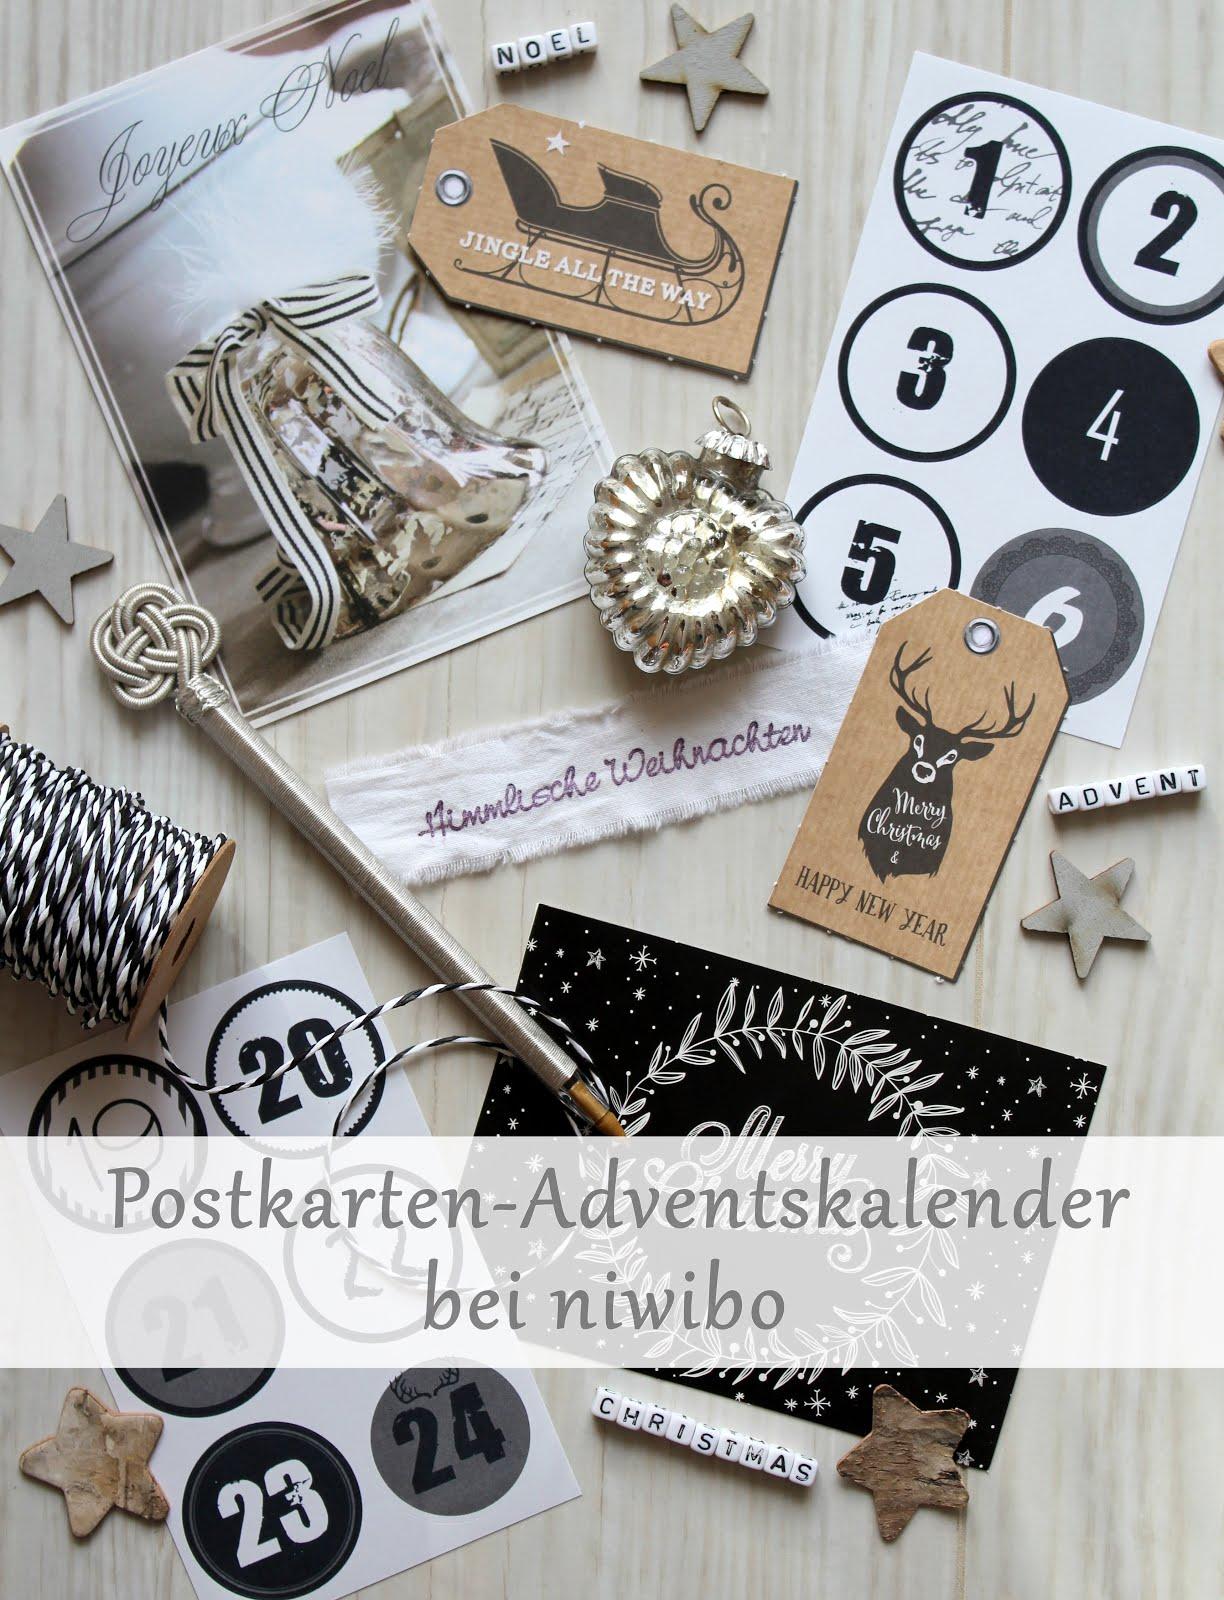 Der Postkarten-Adventskalender